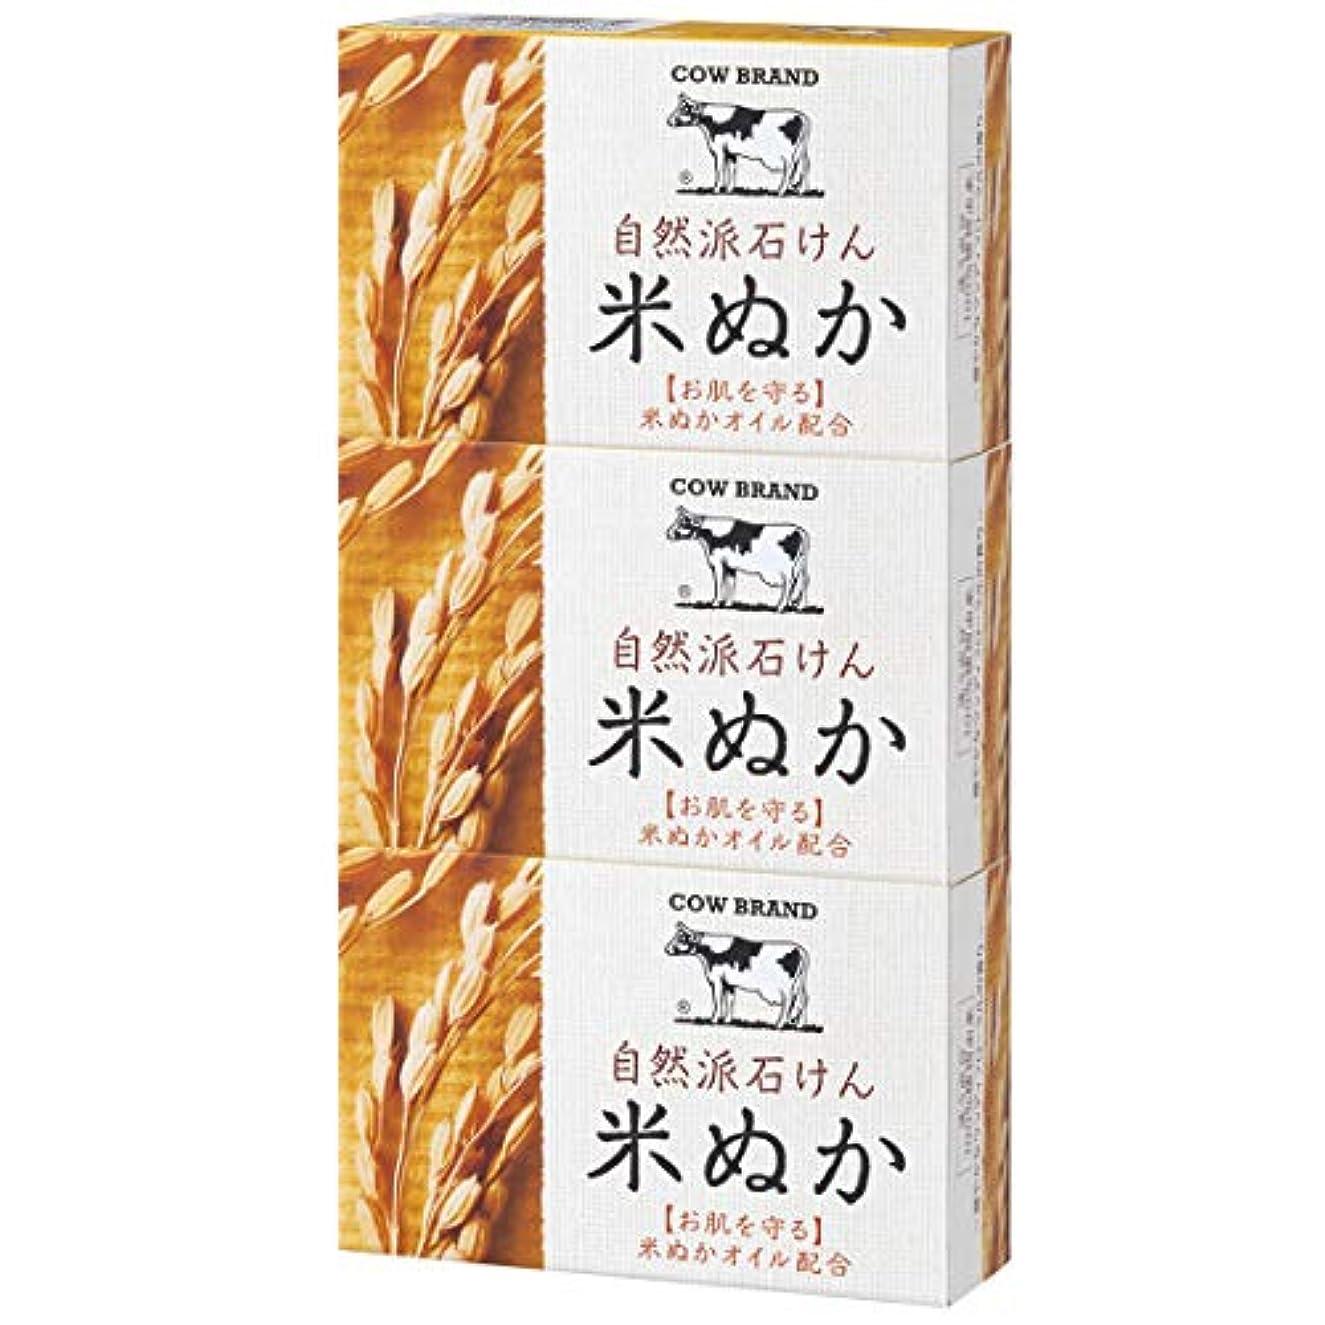 おかしいふさわしい爆風カウブランド 自然派石けん 米ぬか 100g*3個